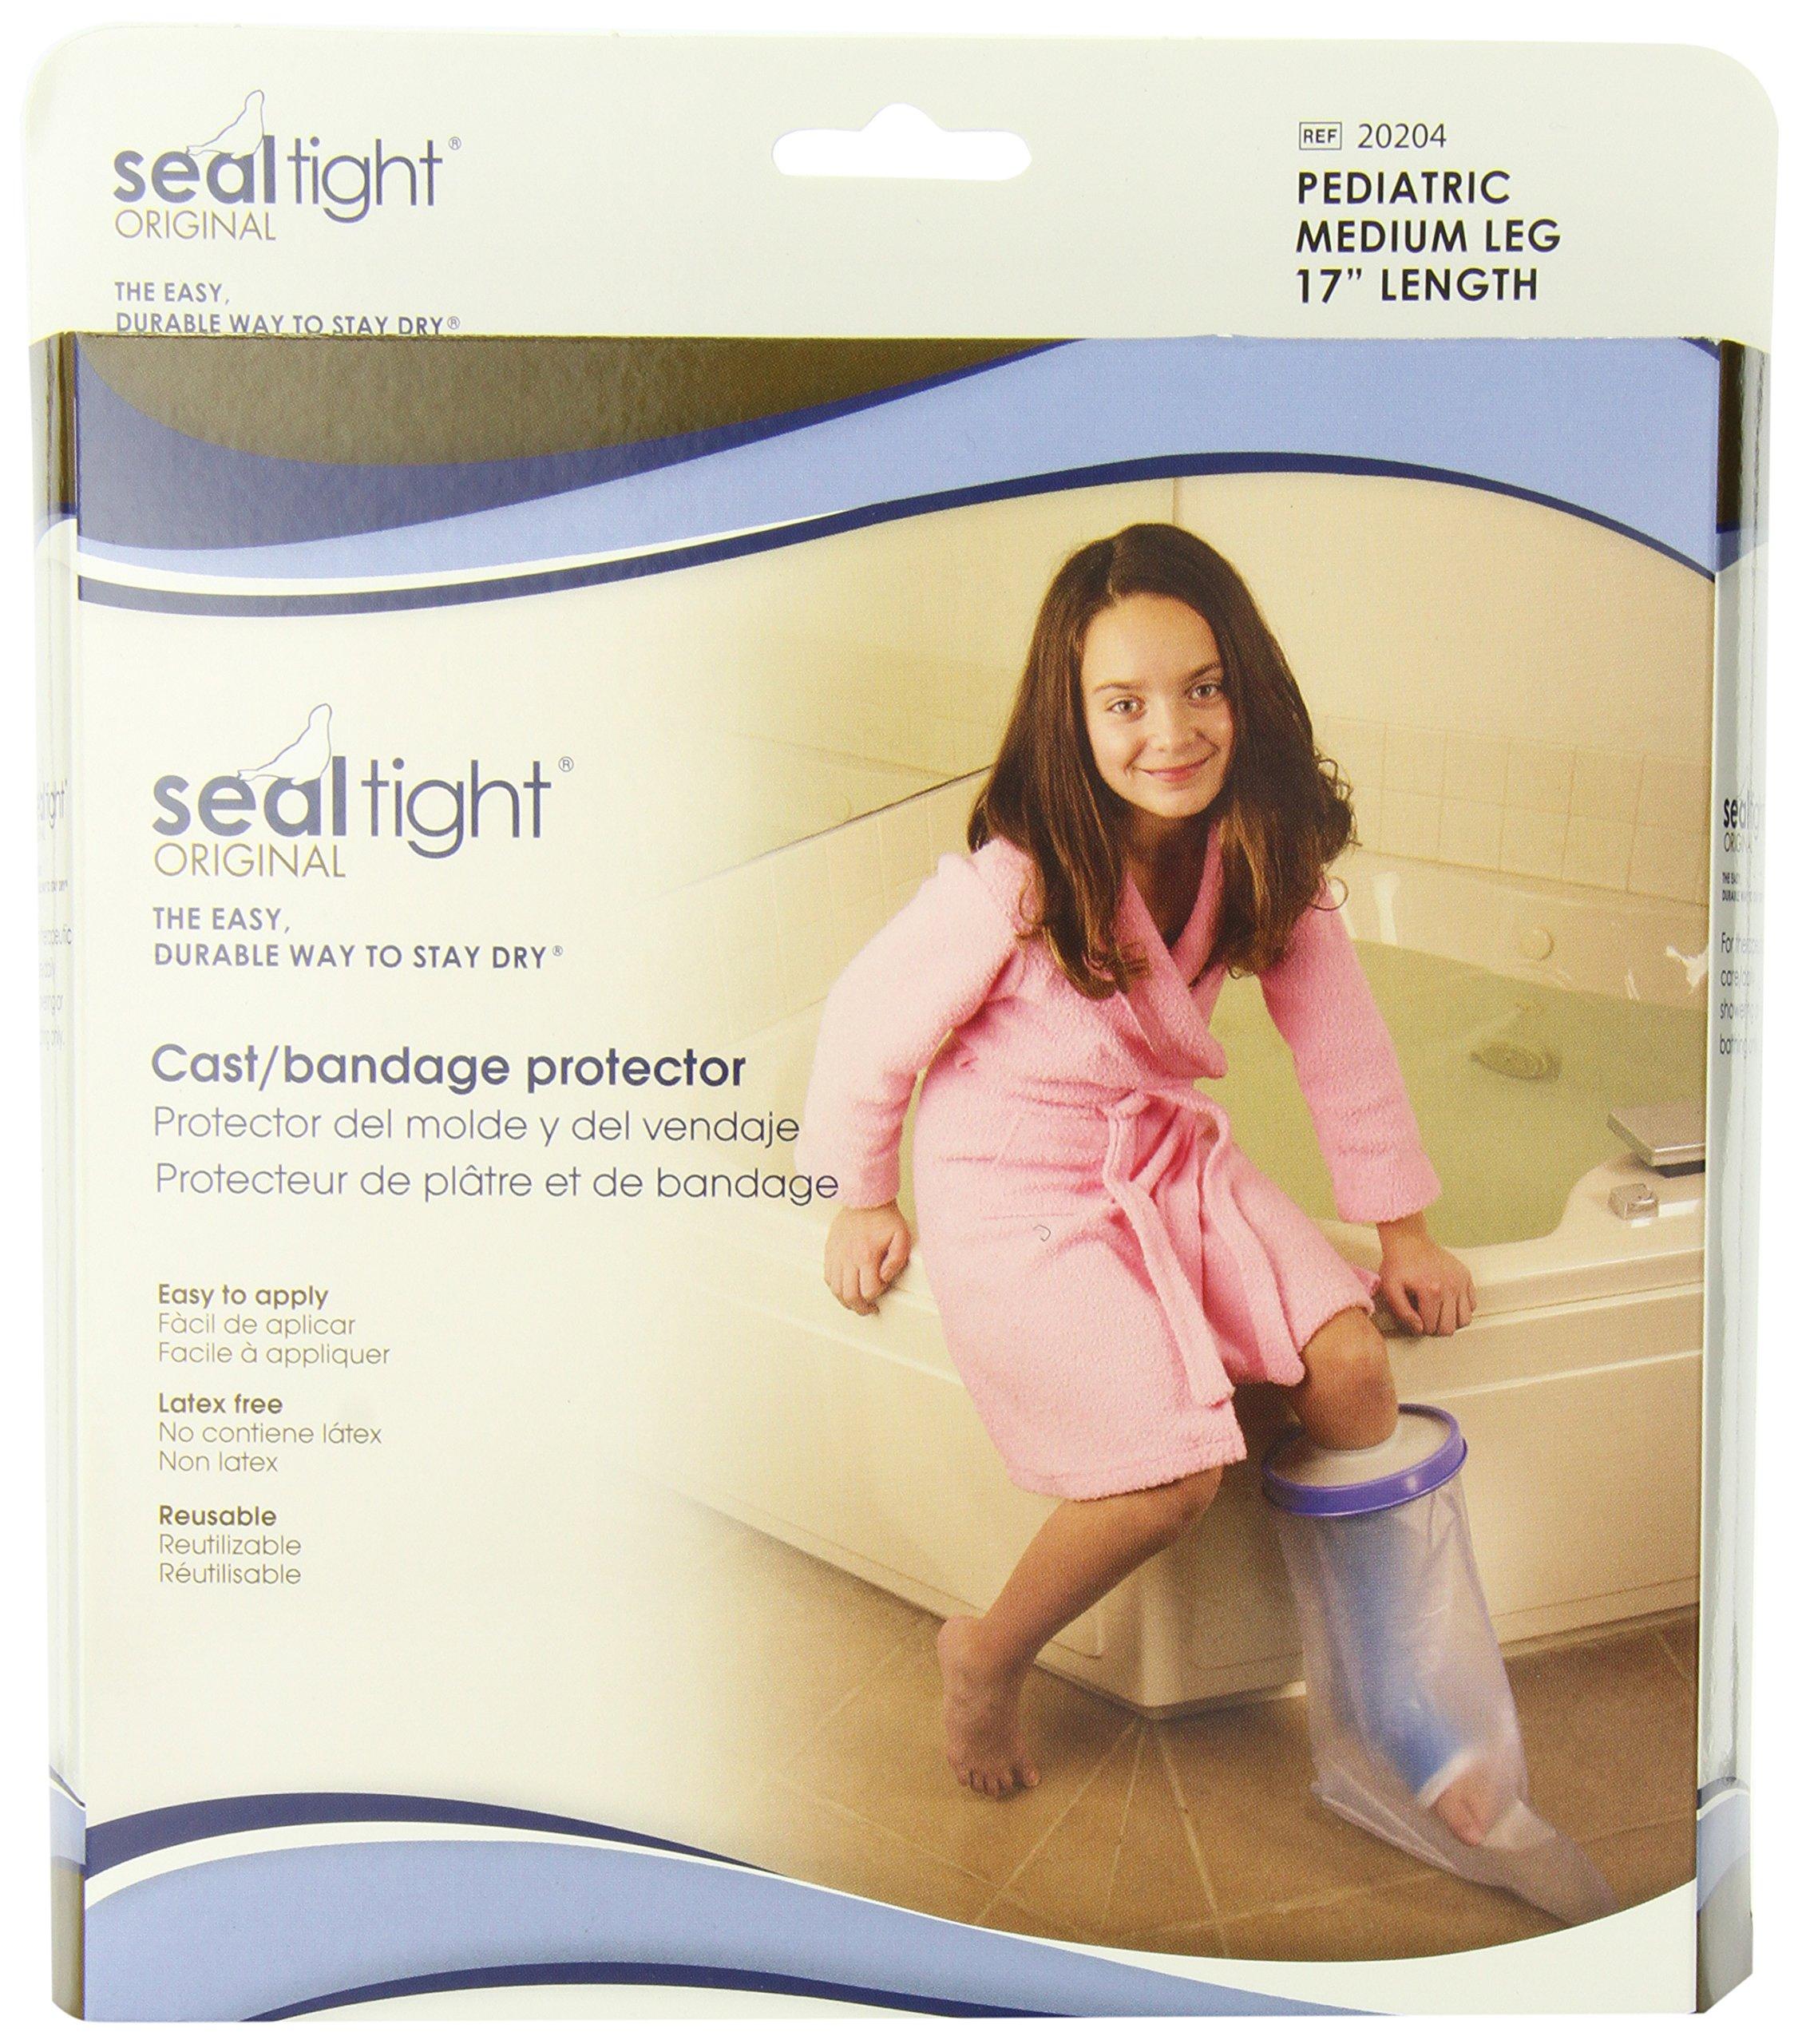 Brownmed SEAL-TIGHT Original Cast and Bandage Protector, Pediatric Medium Leg